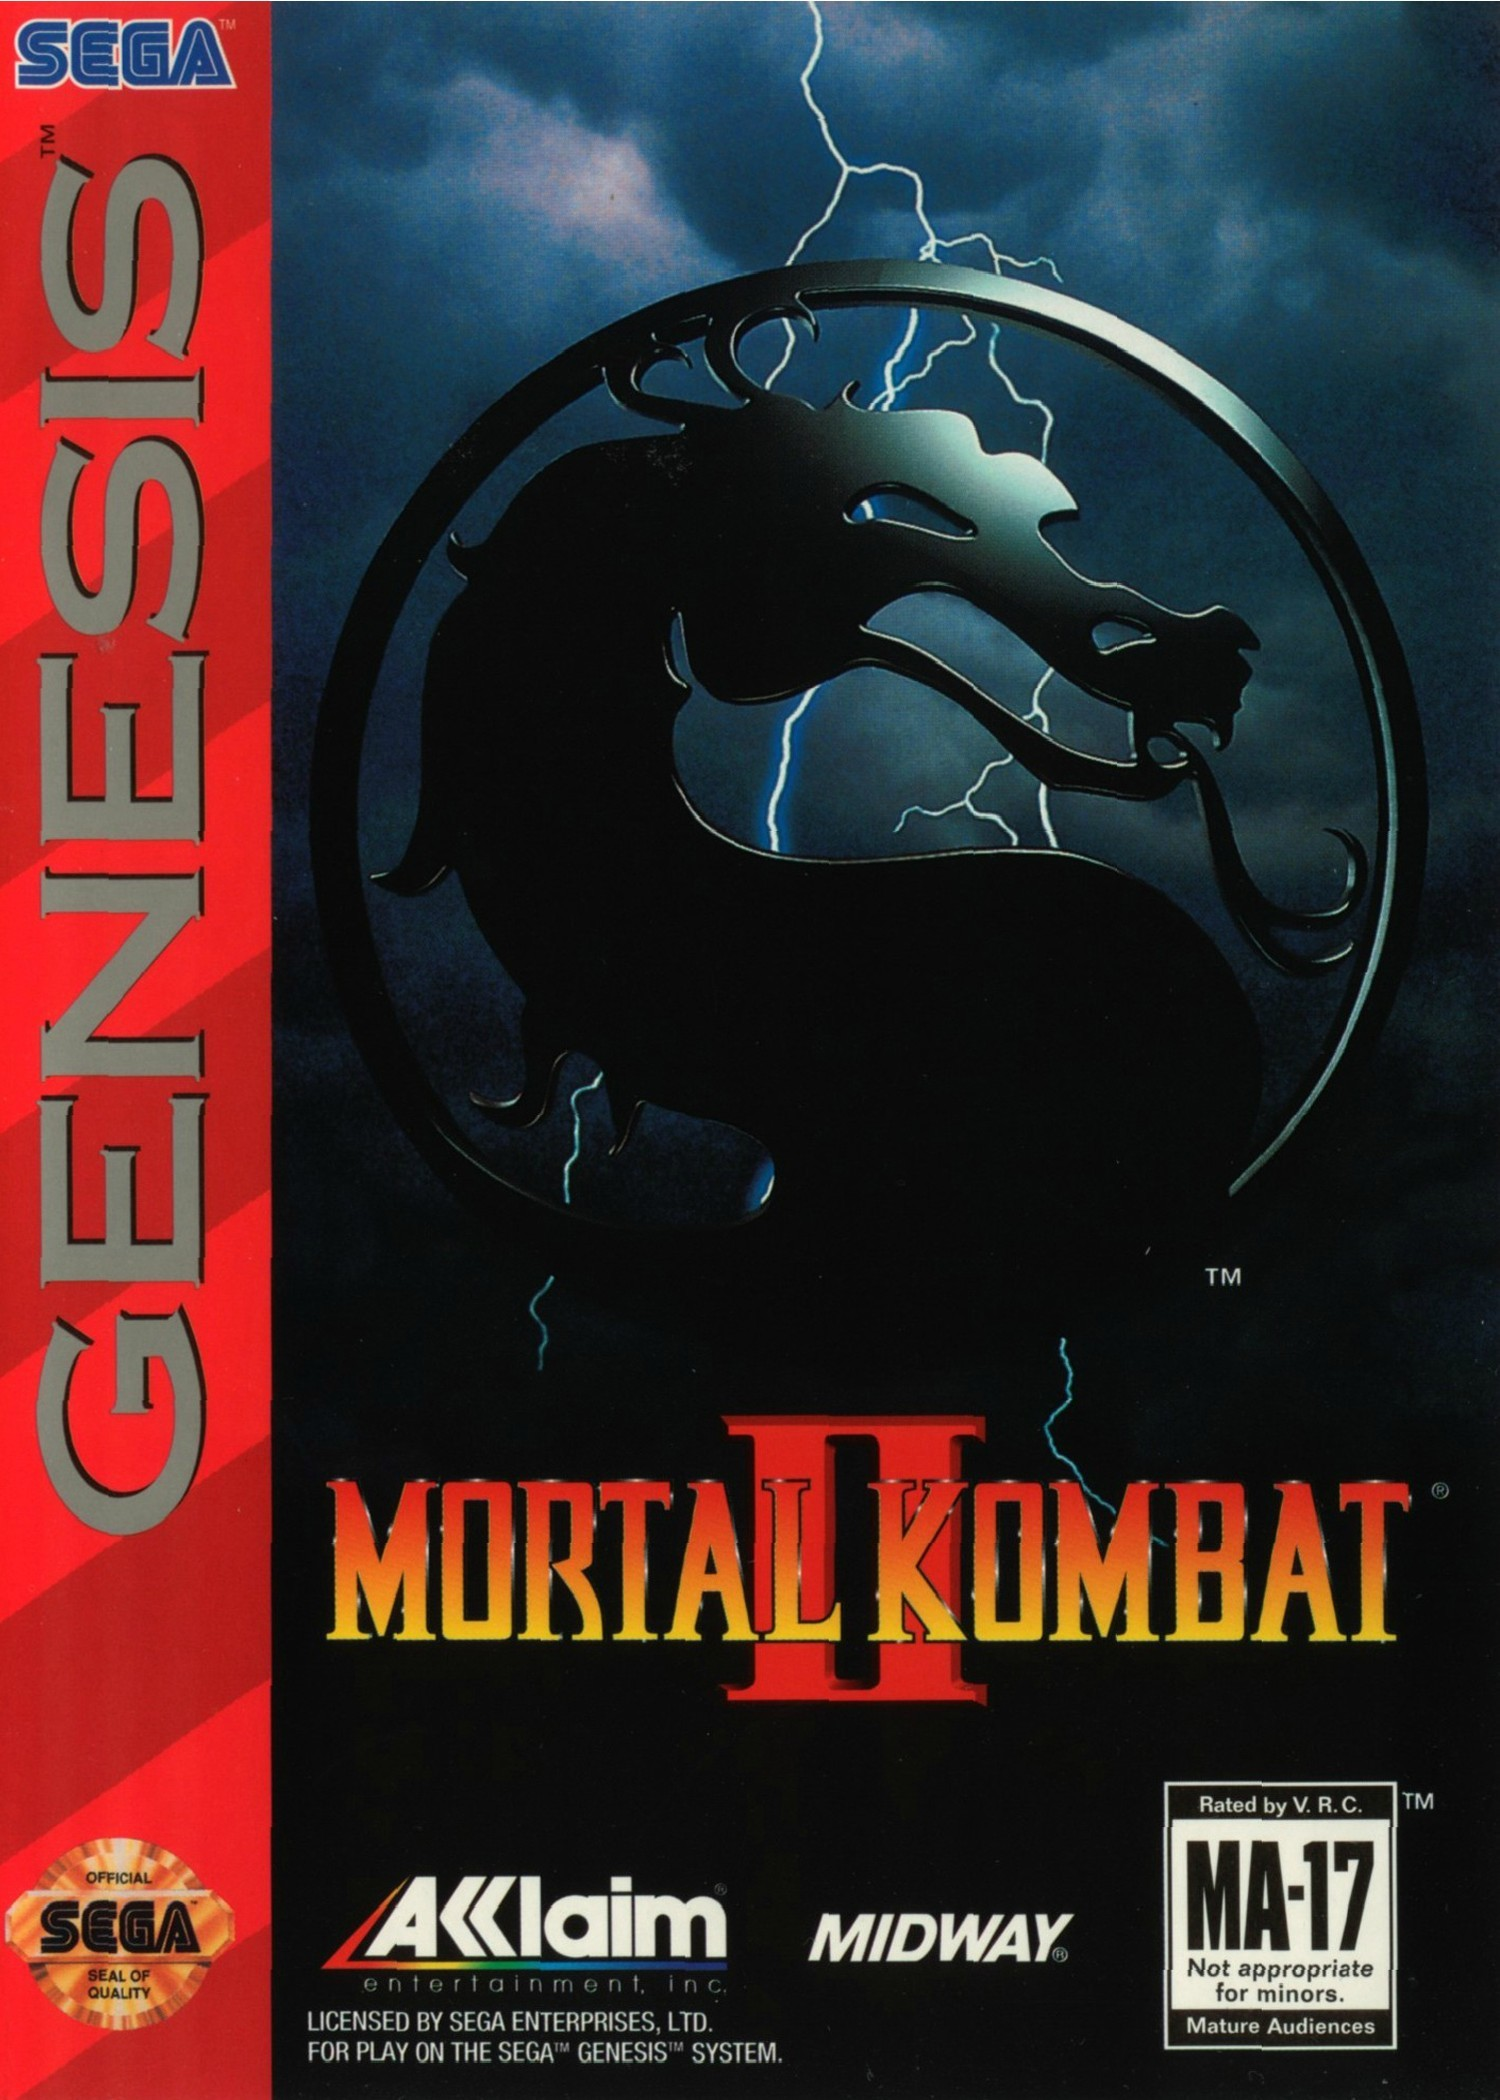 Mortal Kombat: всё началось с апперкота. Интервью с одним из создателей серии игр MK